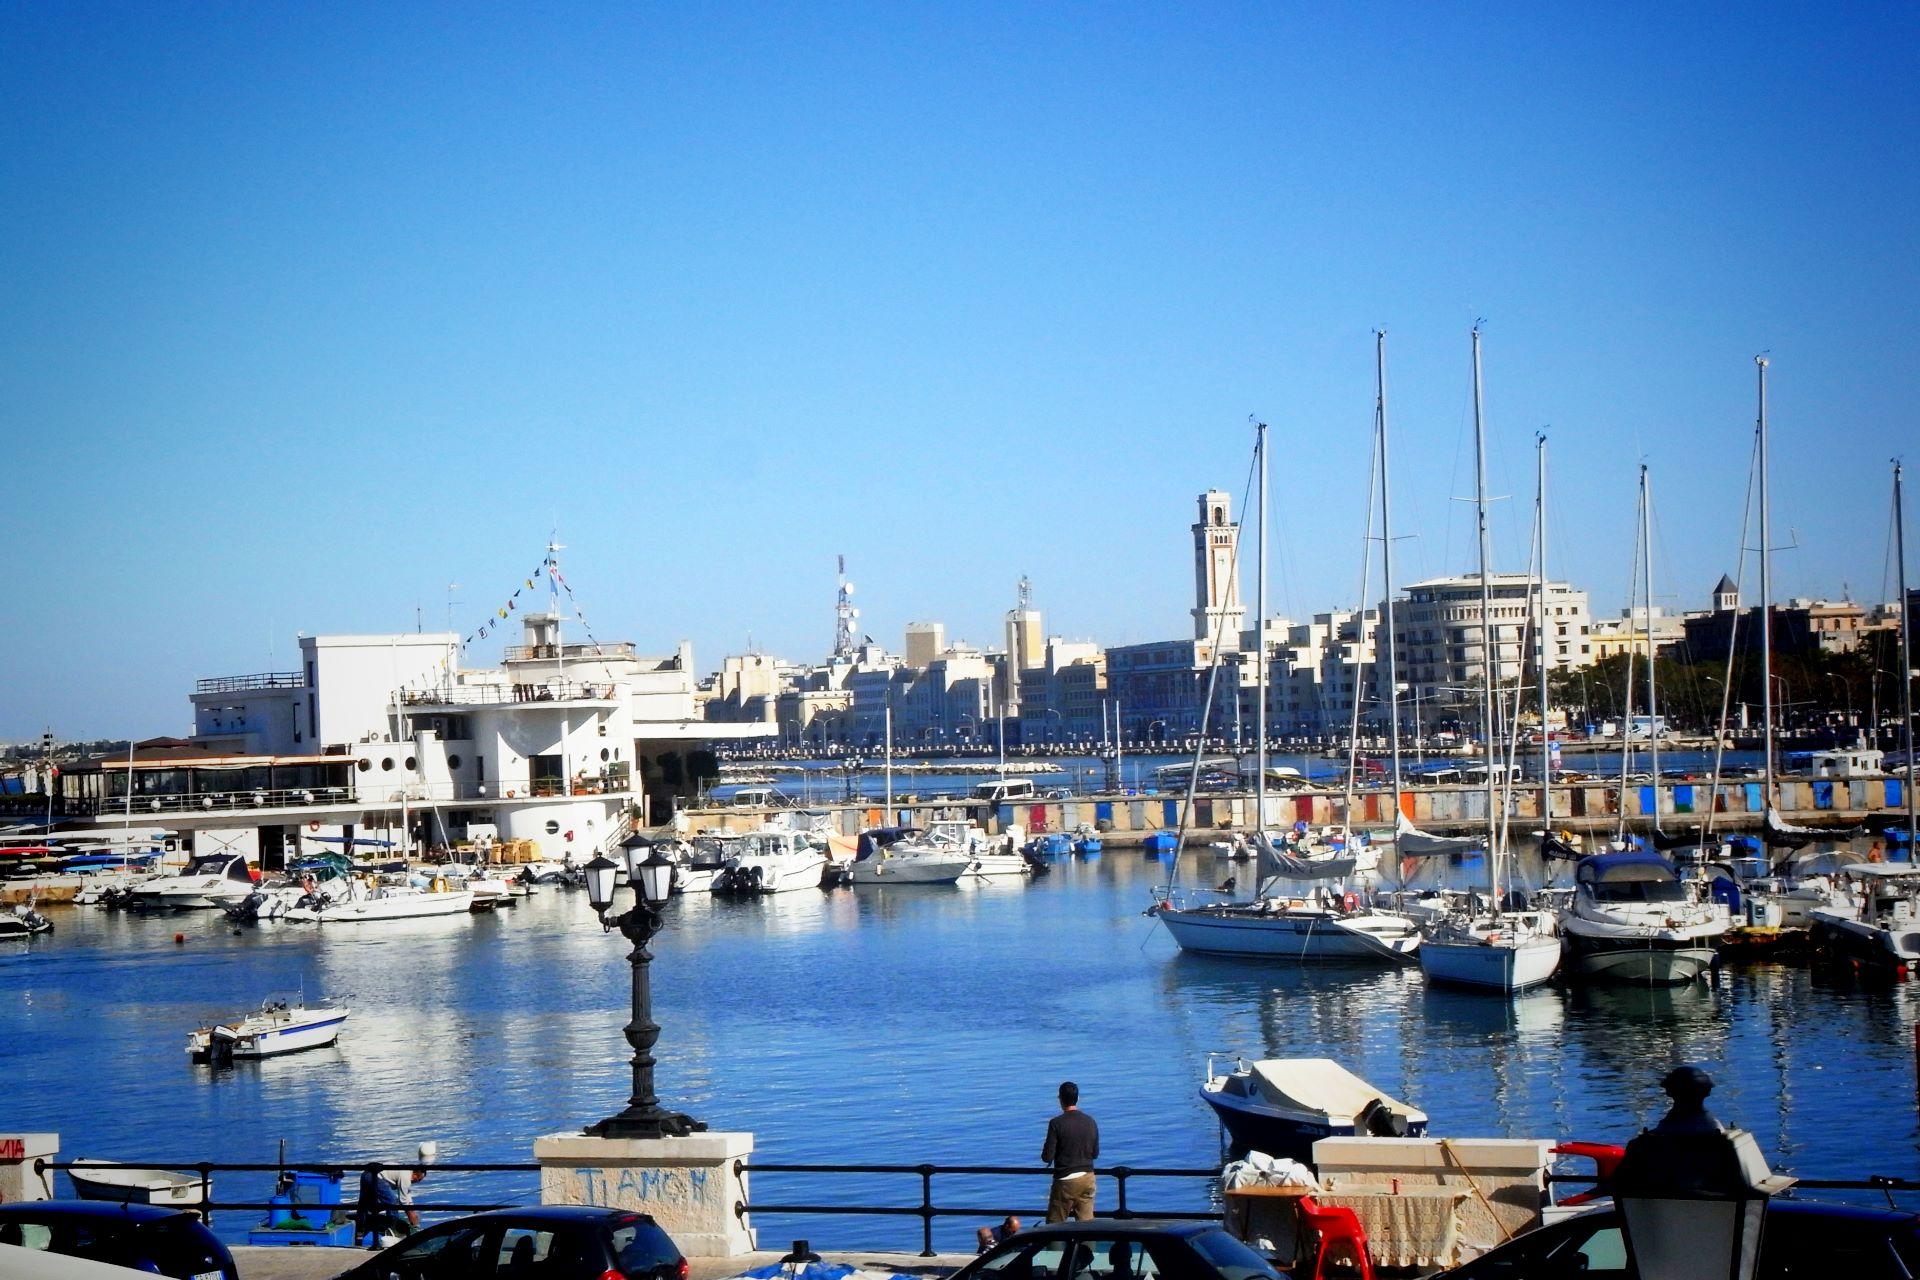 apulia-slow-travel-bari-adriatico-mare-sea-meer-adria-adriatic-sea-romanico-pugliese-romanik-romanesque-adriatisches-meer-citta-portuale-porto-harbour-hafen-fischer